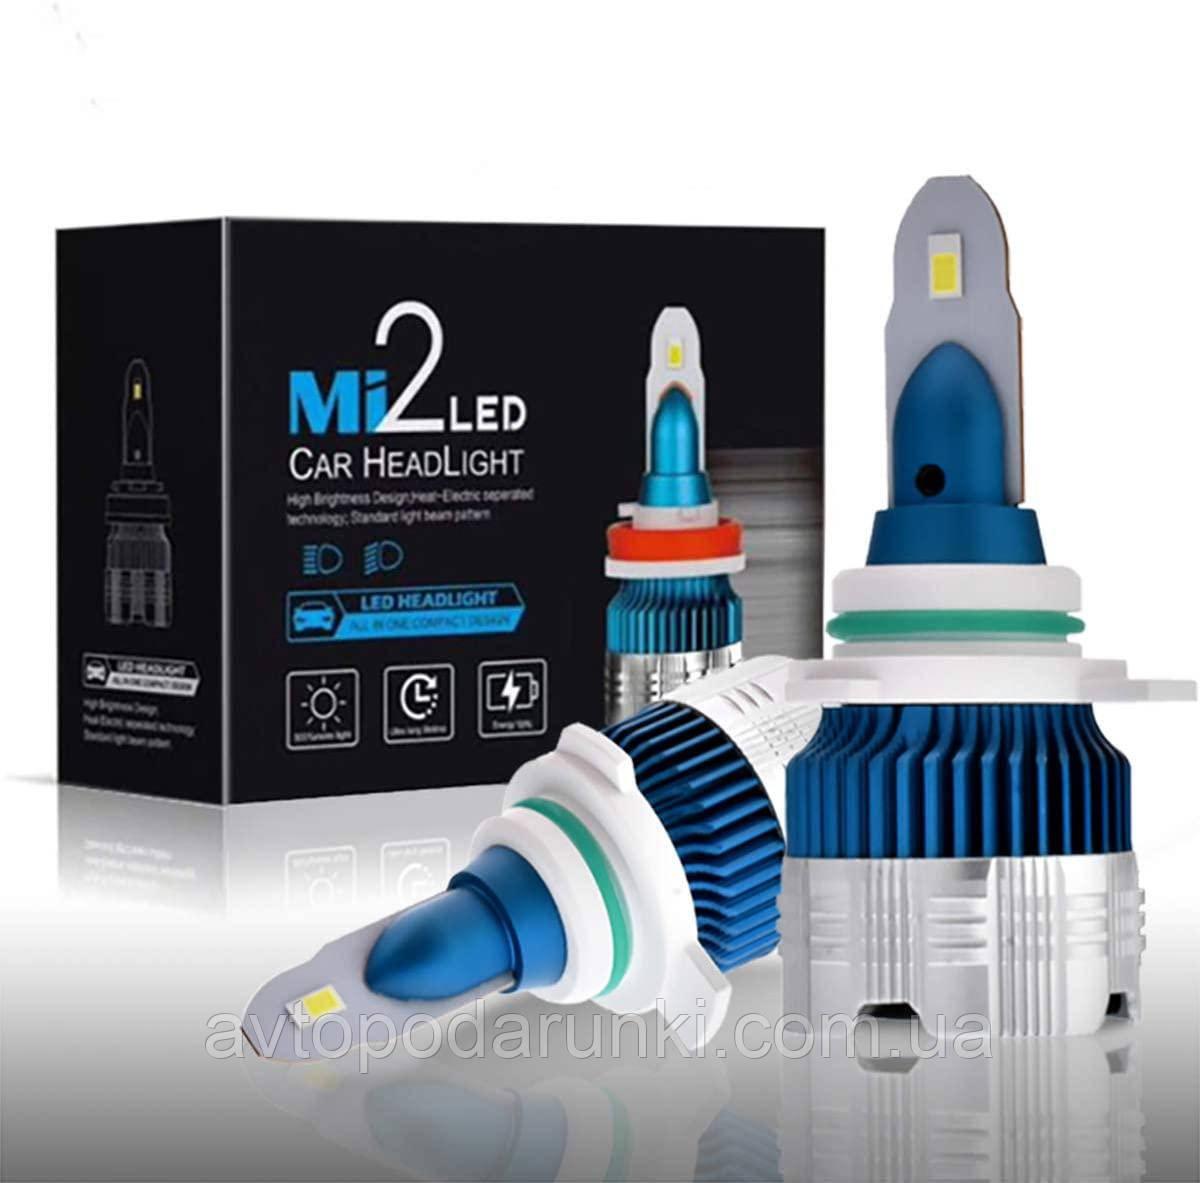 Автомобильные светодиодные LED лампы HeadLight  Mi2 56Вт 6000Лм 6000К 9-16v 5530 CSP чип Цоколь HB4